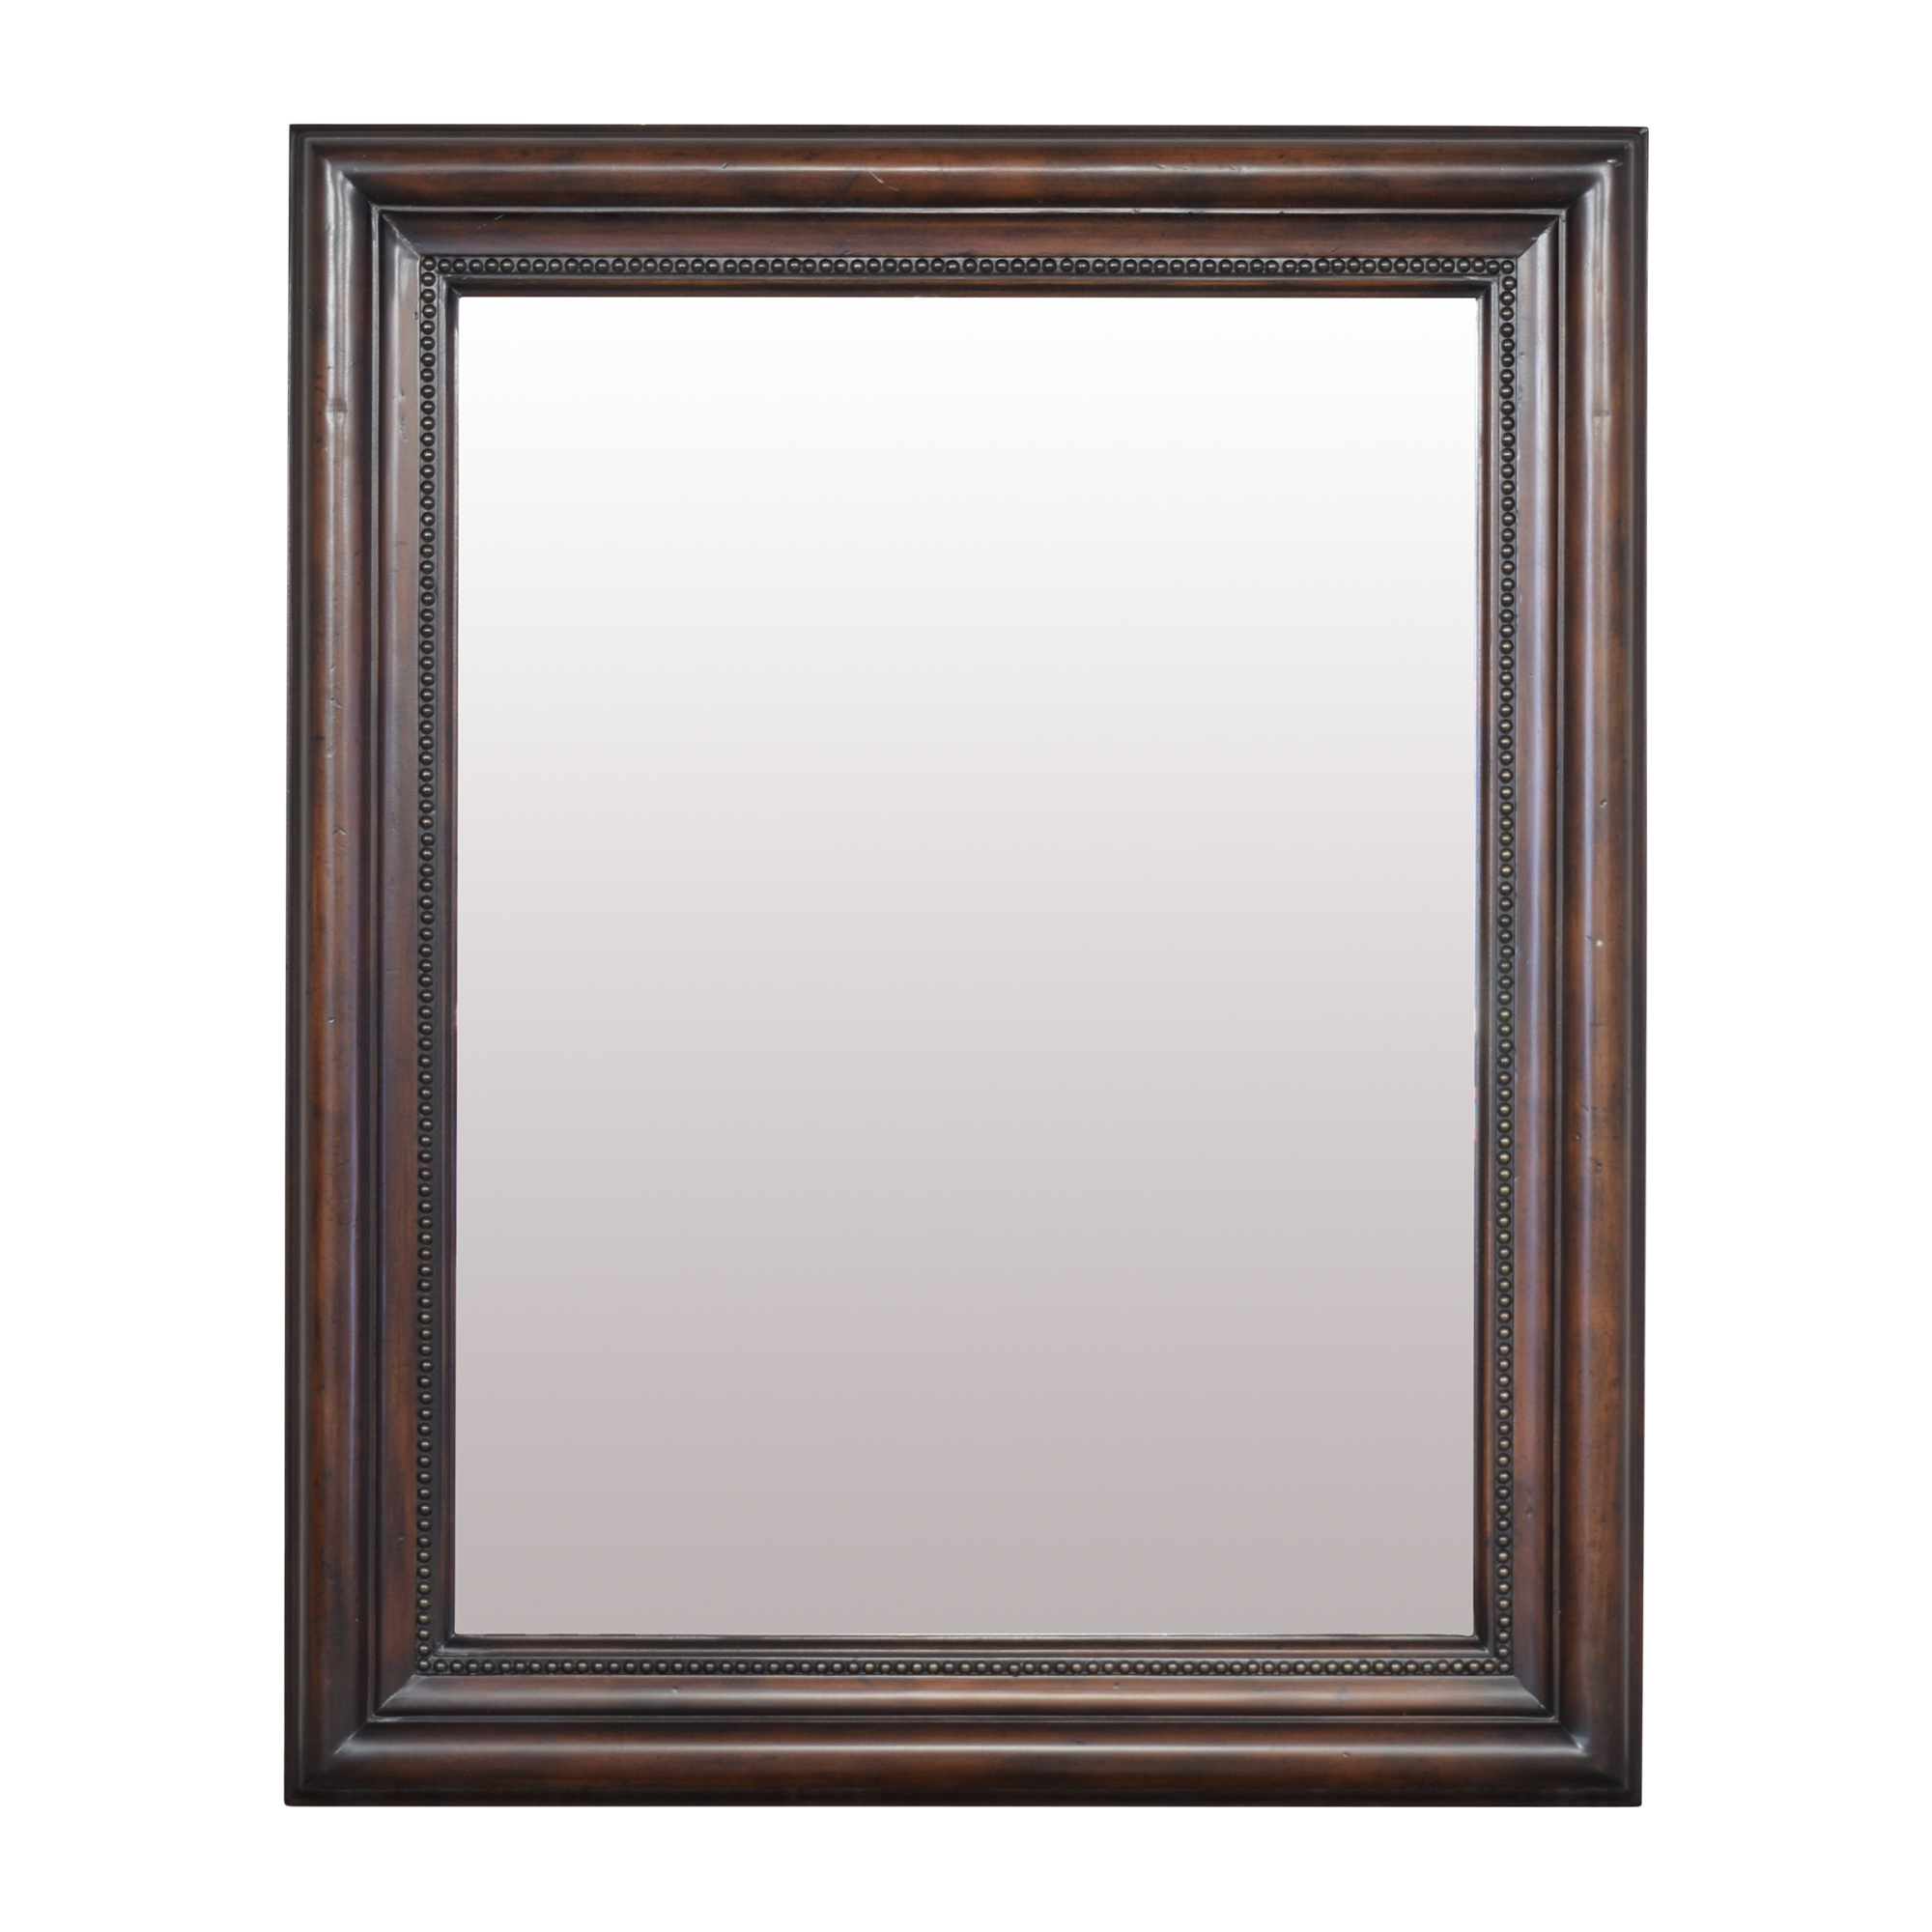 Ethan Allen Ethan Allen Helmsley Rectangular Mirror for sale